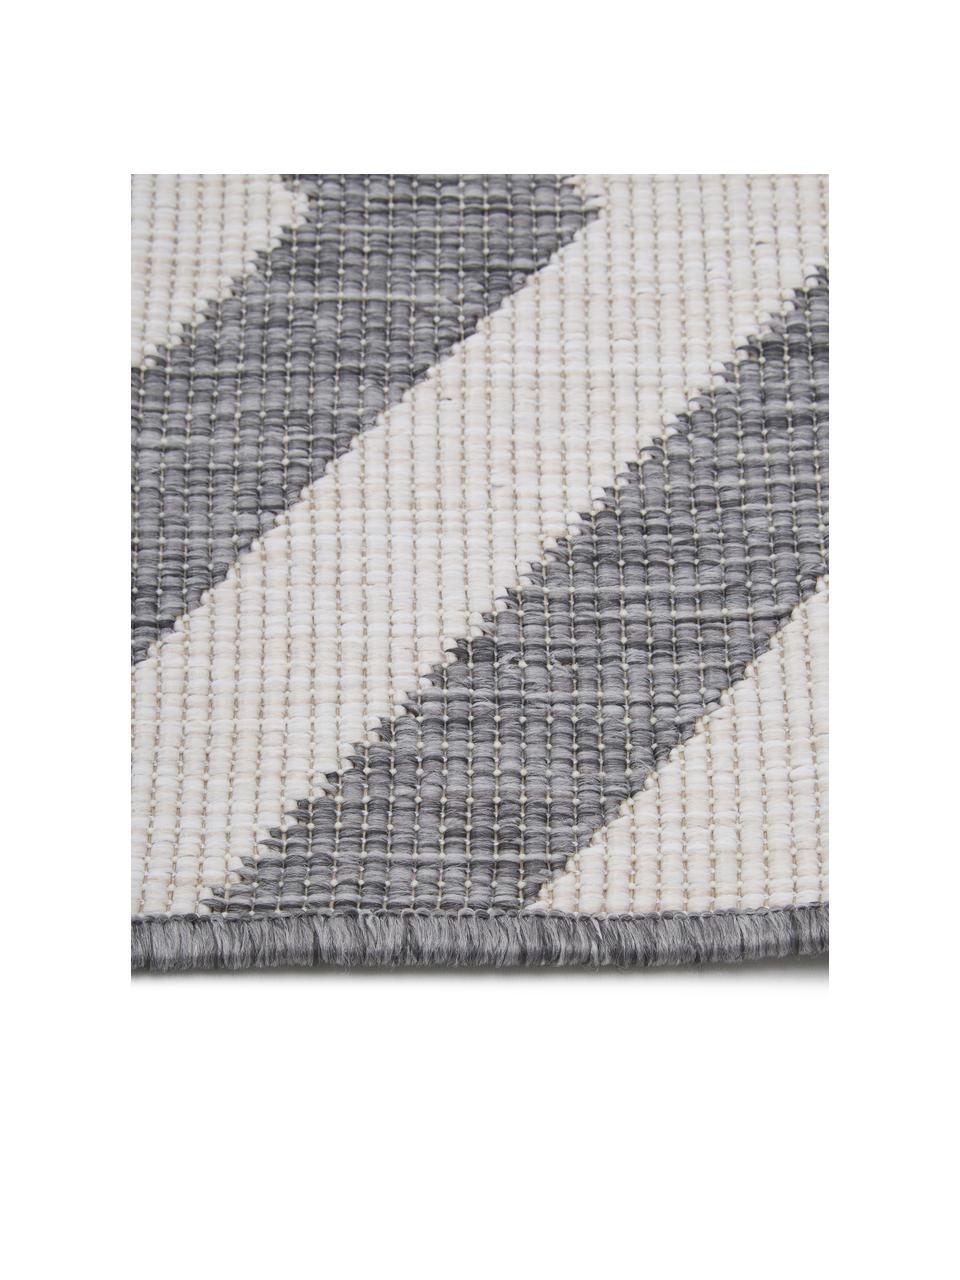 In- & Outdoor-Teppich Palma mit Zickzack-Muster, beidseitig verwendbar, 100% Polypropylen, Grau, Creme, B 160 x L 230 cm (Größe M)